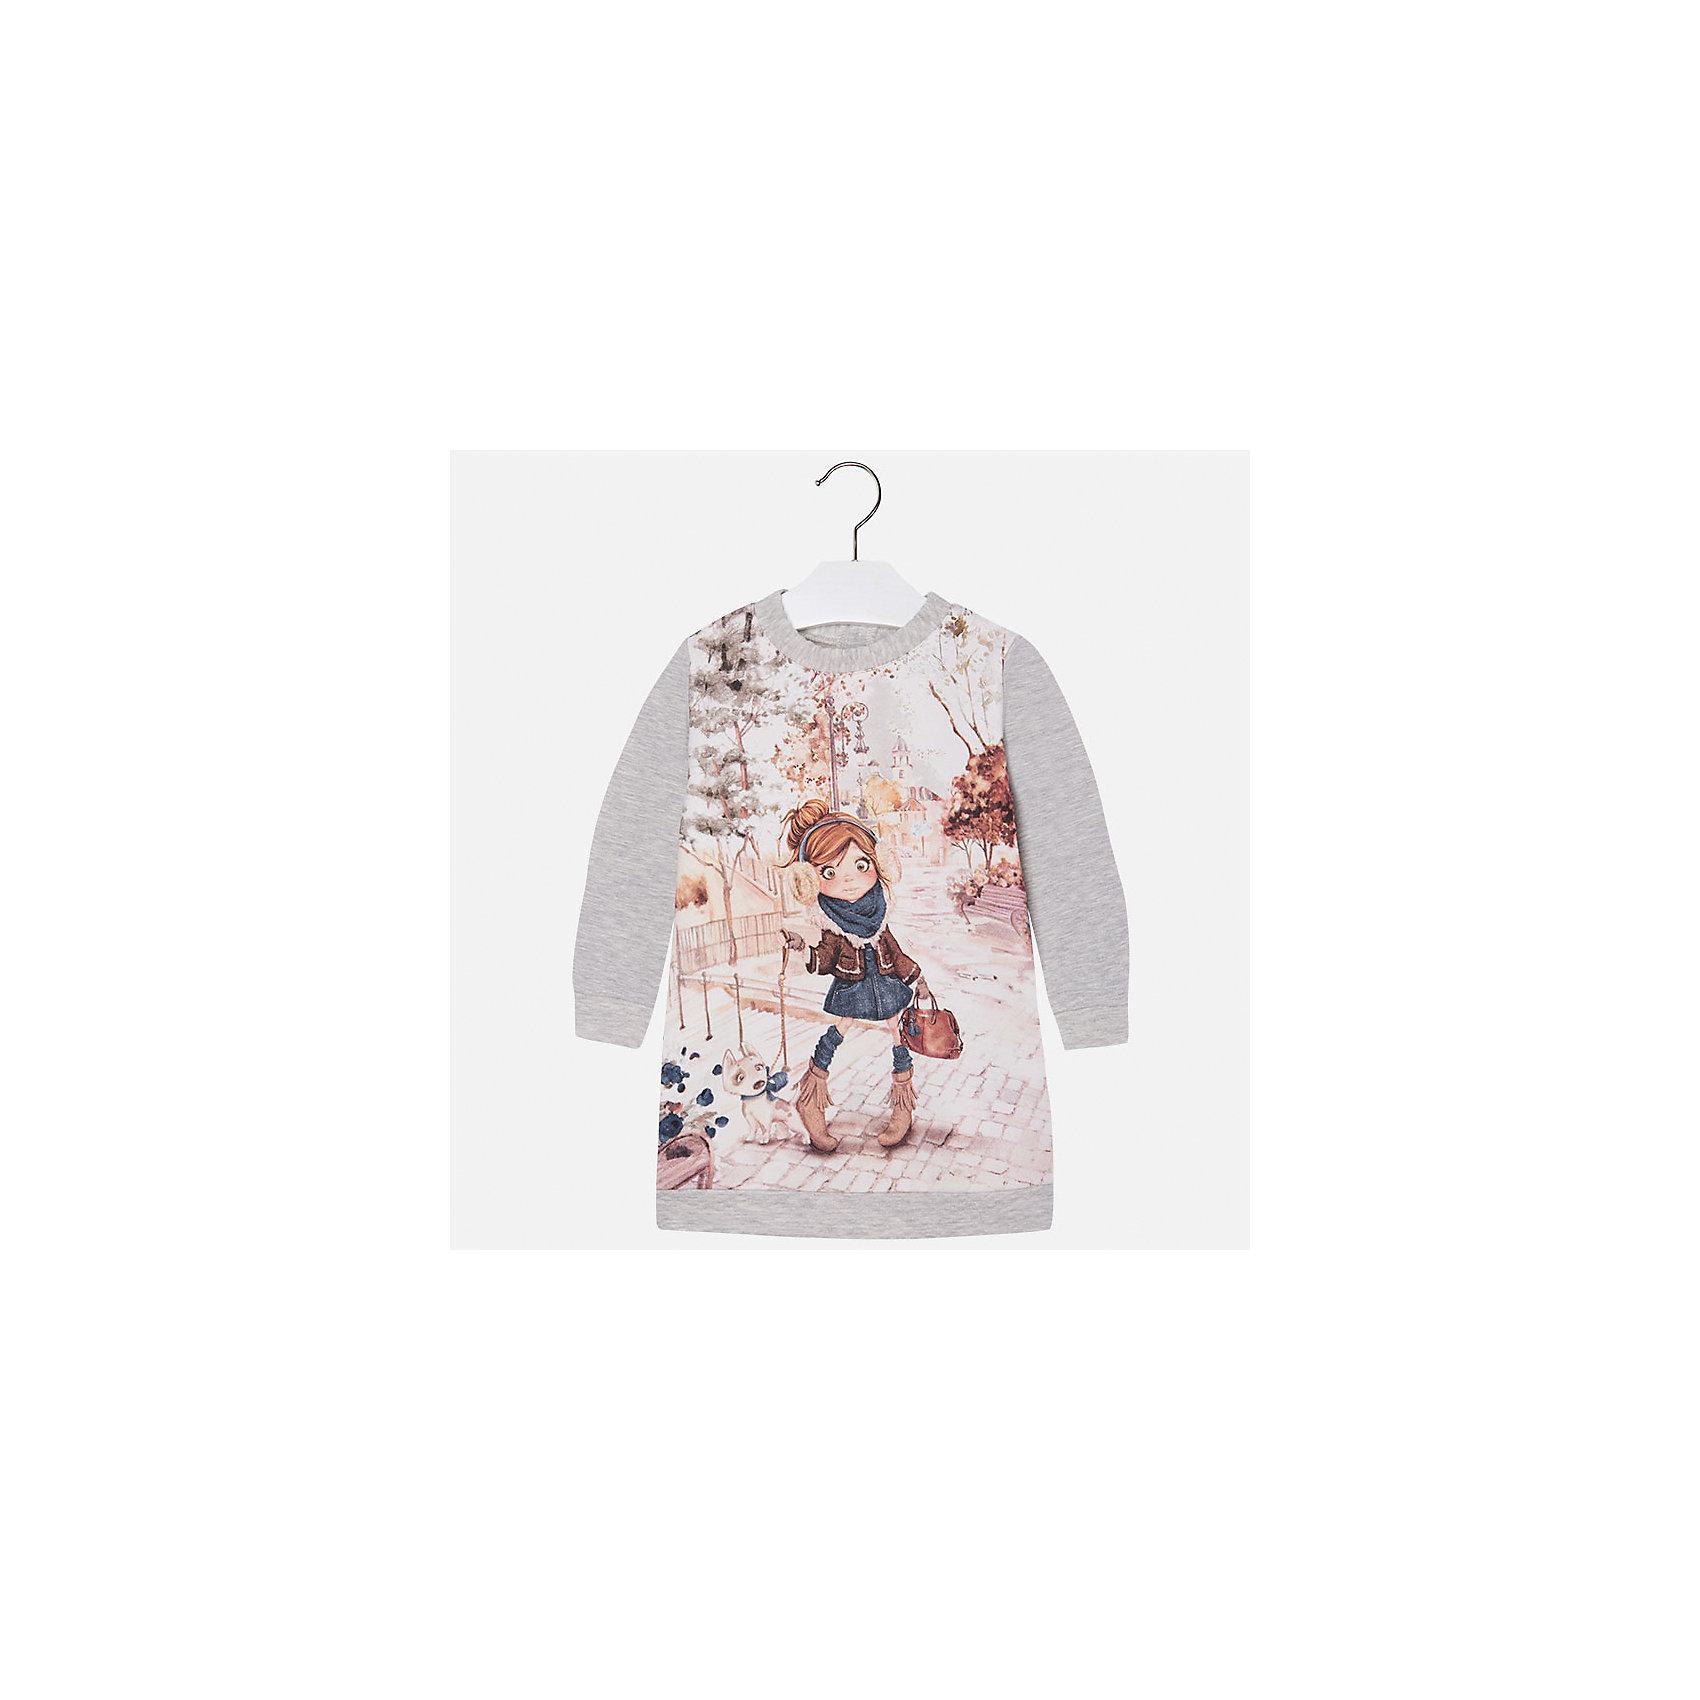 Платье для девочки MayoralПлатья и сарафаны<br>Это очаровательное уютное платье приведет в восторг вех девочек. Модель оформлена ярким принтом с металлическими элементами, дополнена манжетами и резинкой по низу, застегивается на пуговицы на спине. Платье Mayoral изготовлено из приятного на ощупь трикотажа, отлично смотрится на фигуре, практически не мнется - прекрасный вариант для каждодневной носки. <br><br>Дополнительная информация:<br><br>- Мягкий трикотажный материал. <br>- Округлый вырез горловины. <br>- Длинный рукав.<br>- Оригинальный принт спереди. <br>- Застегивается на пуговицы на спине. <br>- Манжеты на рукавах, резинка по низу. <br>Состав:<br>- 95% хлопок, 5% эластан.<br><br>Платье для девочки Mayoral (Майорал), серое, можно купить в нашем магазине.<br><br>Ширина мм: 236<br>Глубина мм: 16<br>Высота мм: 184<br>Вес г: 177<br>Цвет: серый<br>Возраст от месяцев: 18<br>Возраст до месяцев: 24<br>Пол: Женский<br>Возраст: Детский<br>Размер: 134,116,104,110,122,92,128,98<br>SKU: 4845031